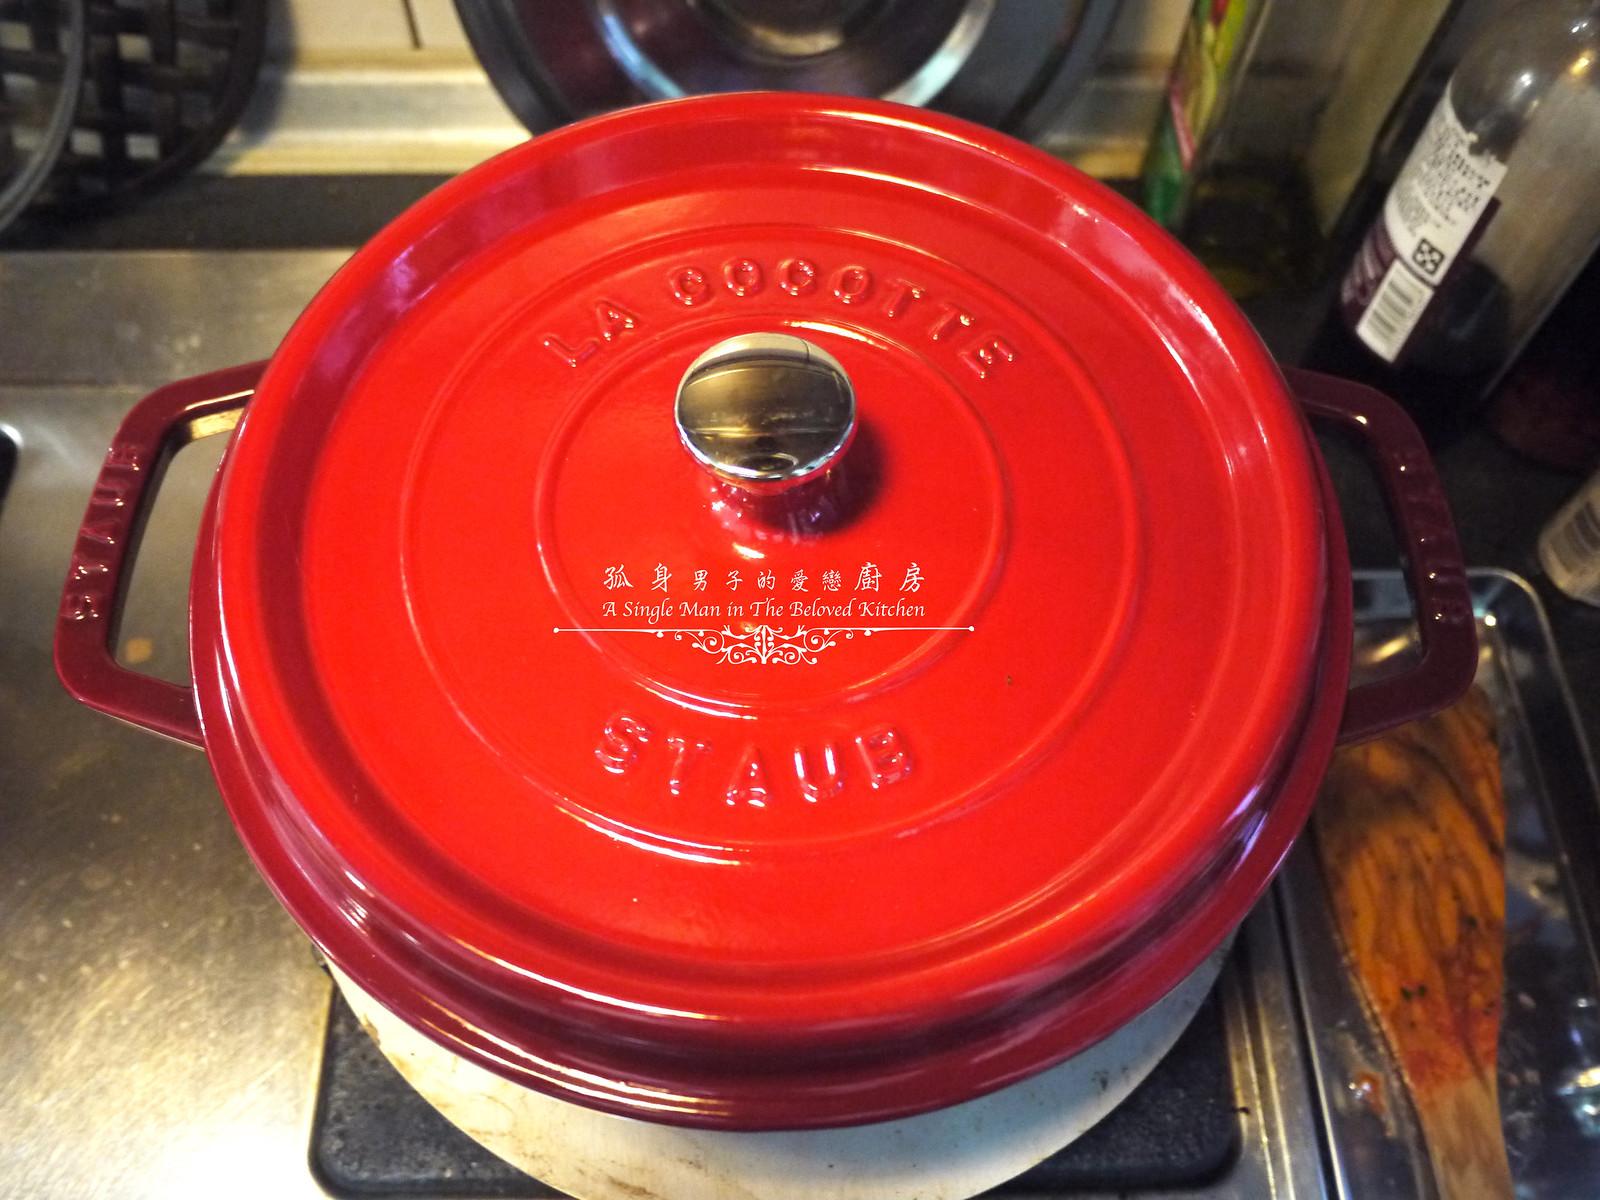 孤身廚房-義大利茄汁紅醬罐頭--自己的紅醬罐頭自己做。不求人19